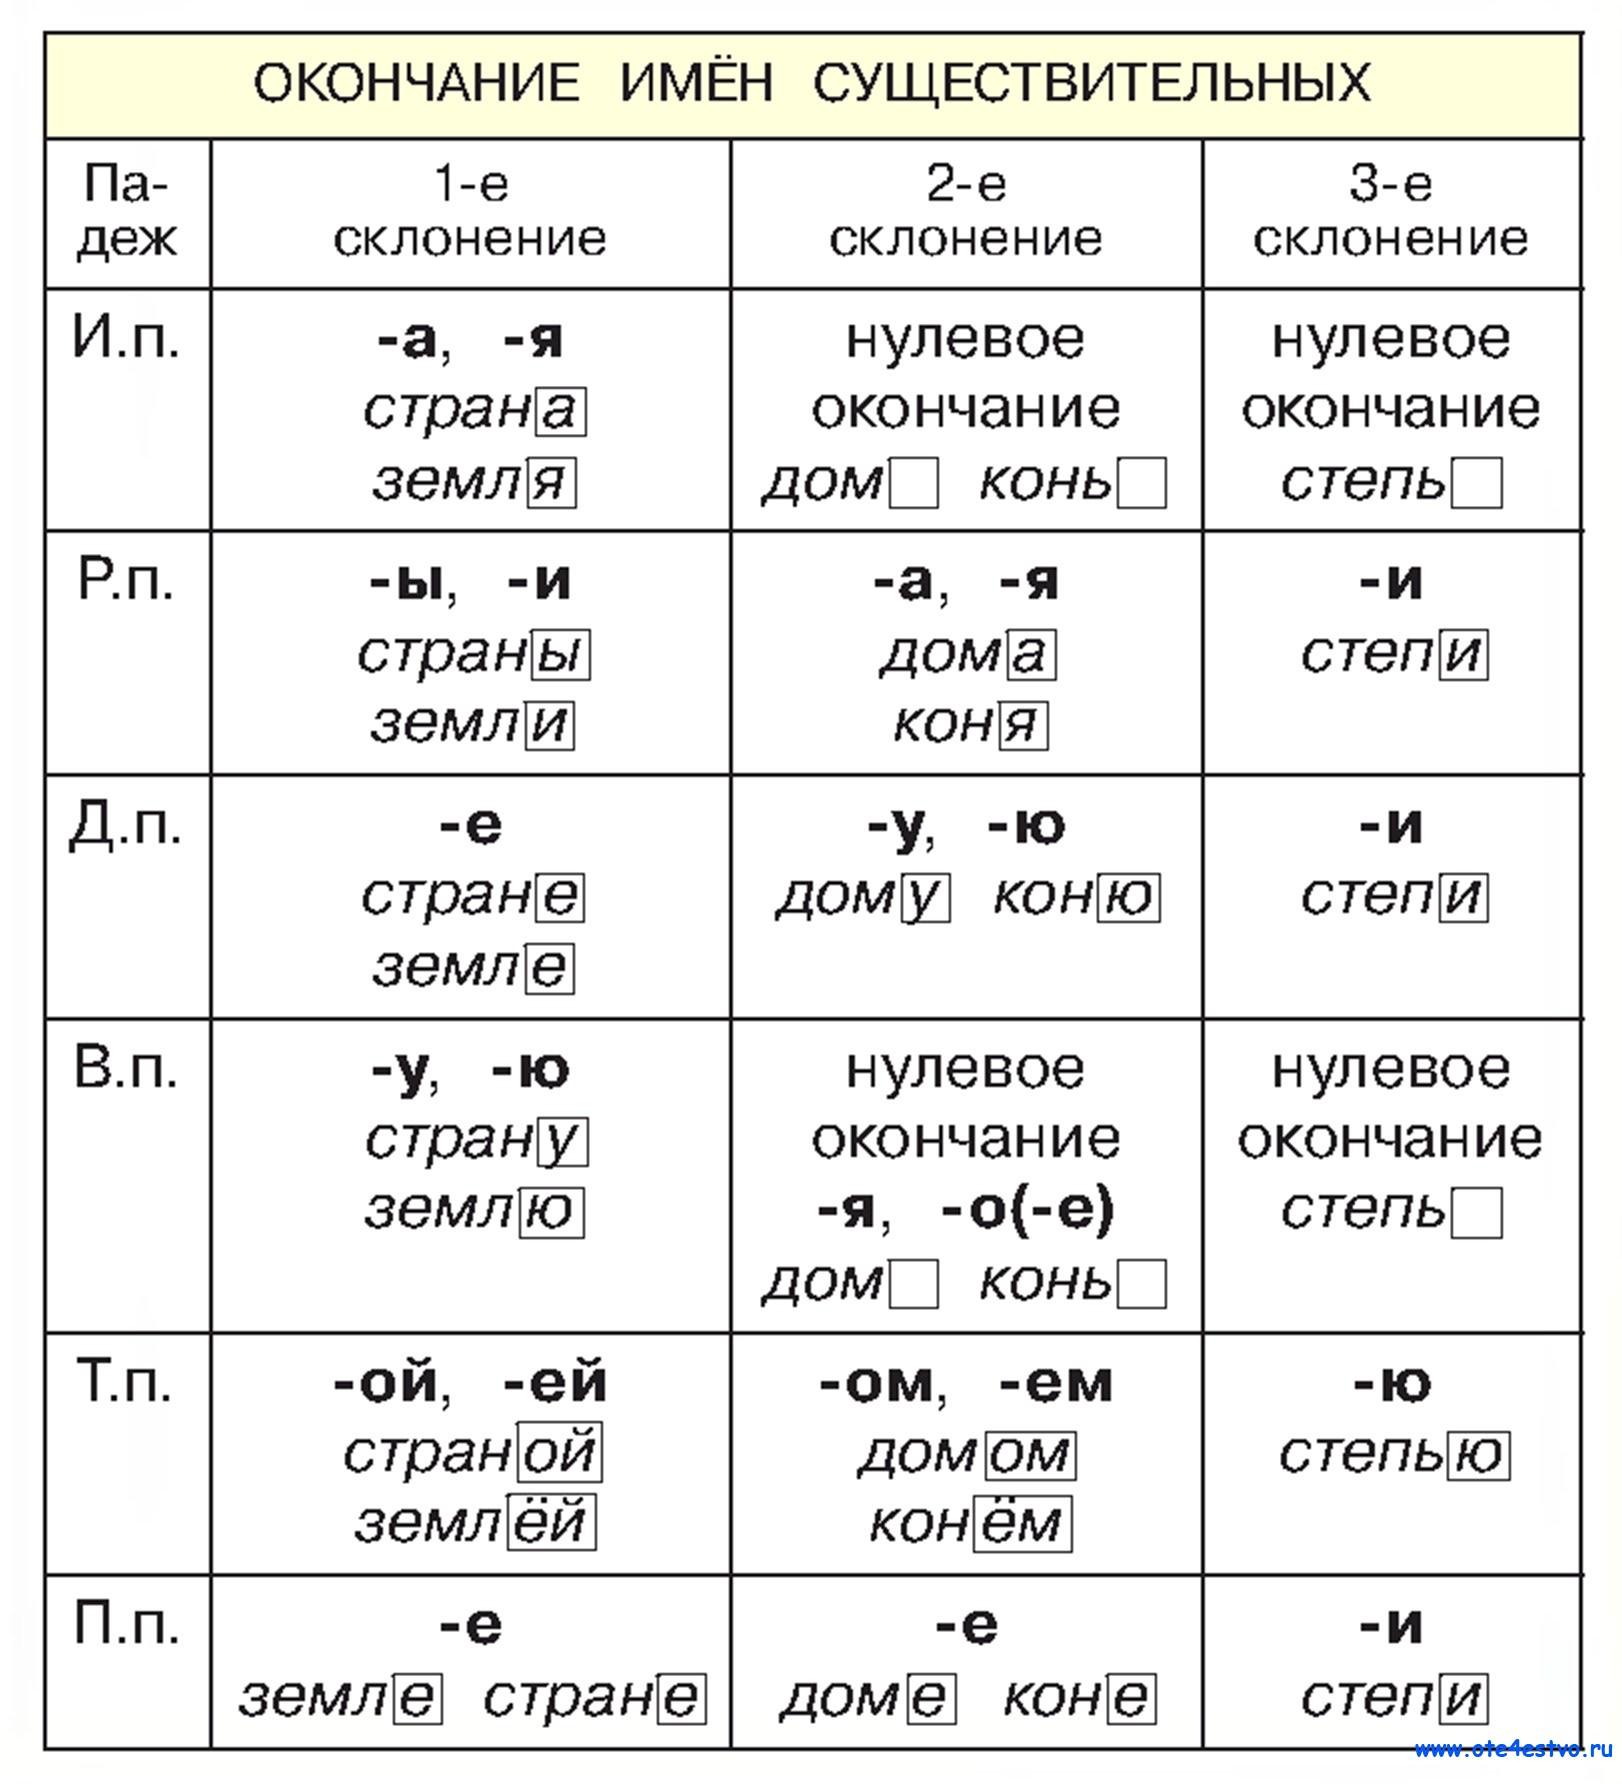 Таблица склонений имен существительных 4 класс с падежами